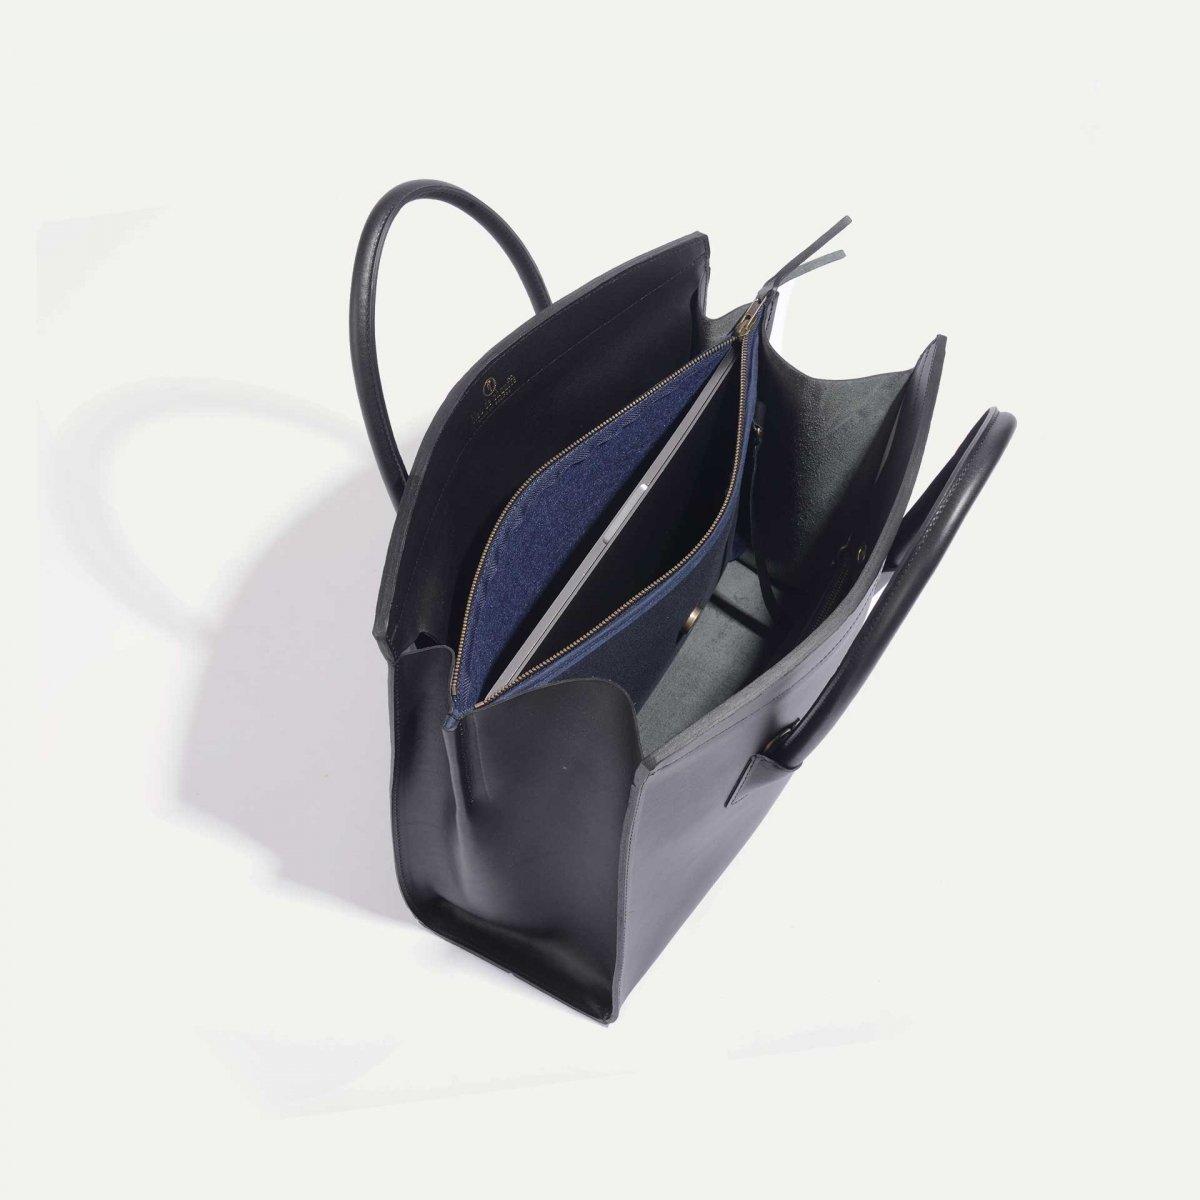 Dalva business Tote - Black (image n°5)